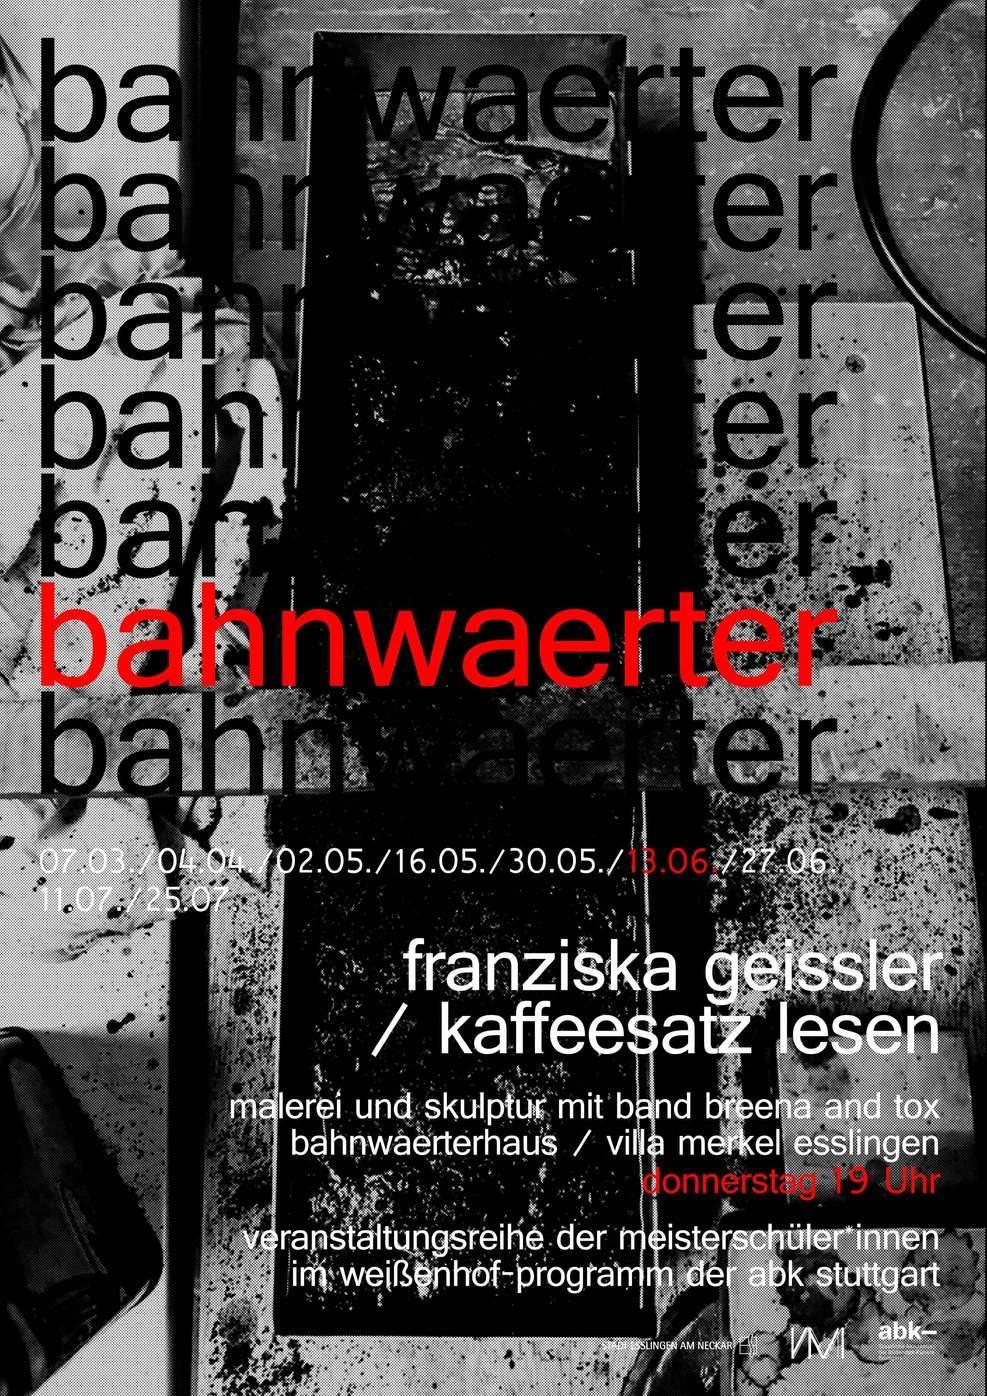 csm 2019 06 13 bahnwaerter FranziskaGeissler c18e26a0d0